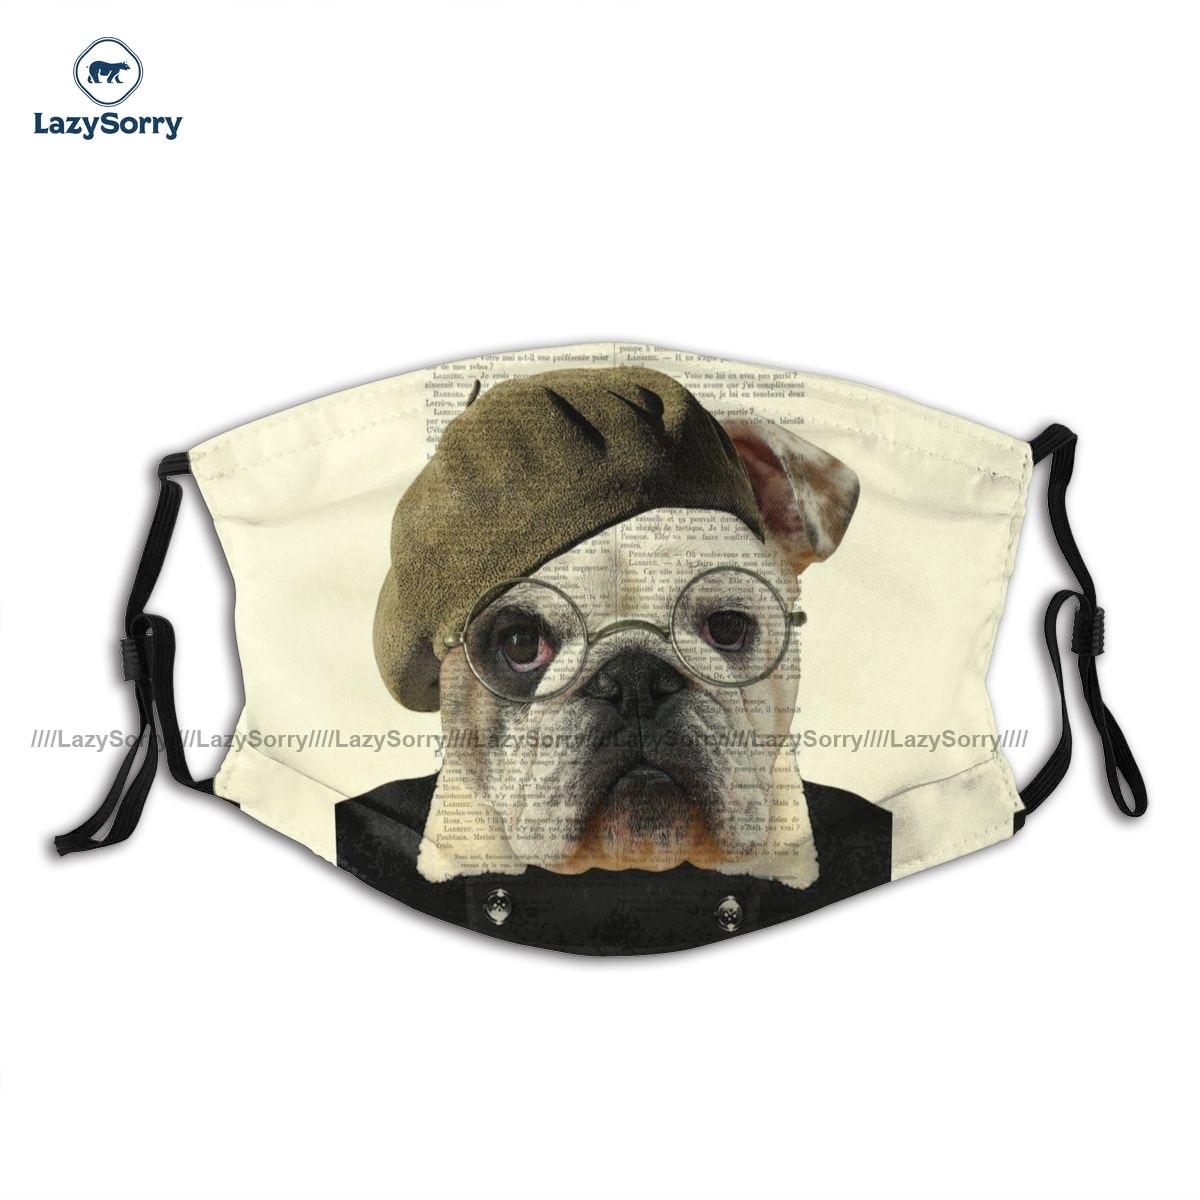 Uniques декоративные бульдог портрет животных в одежде маска для лица фантазия взрослых полиэстер маска для лица рот с фильтрами